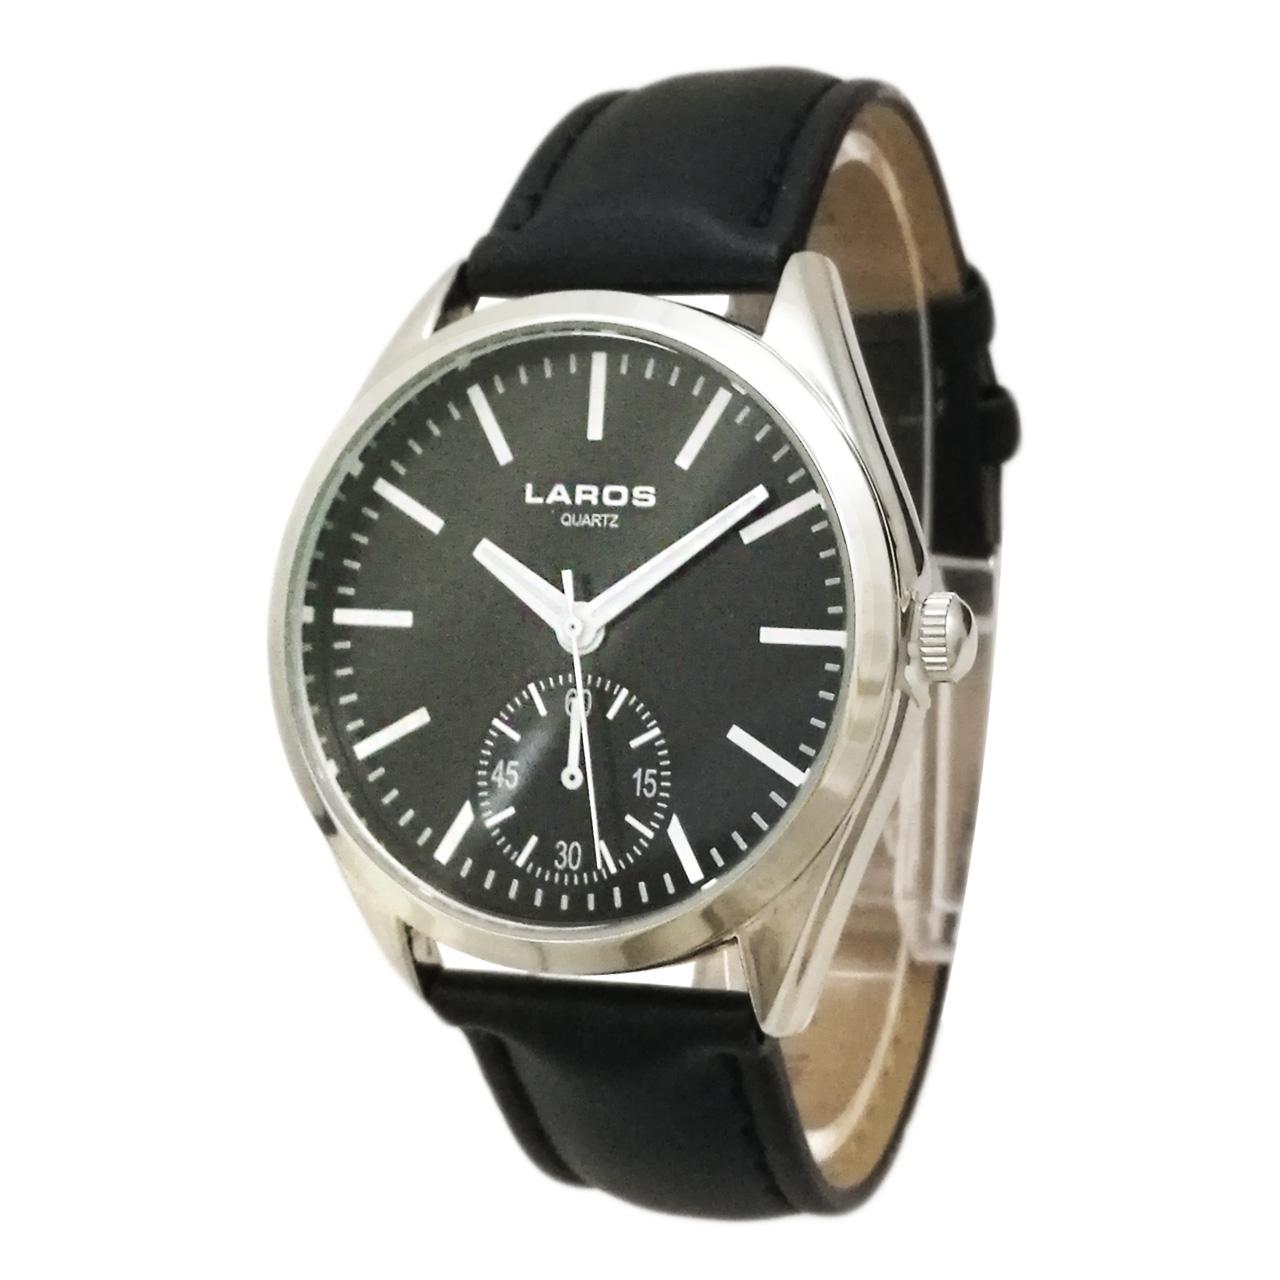 ساعت مچی عقربه ای مردانه لاروس مدل0916-79929-s به همراه دستمال مخصوص برند کلین واچ 41